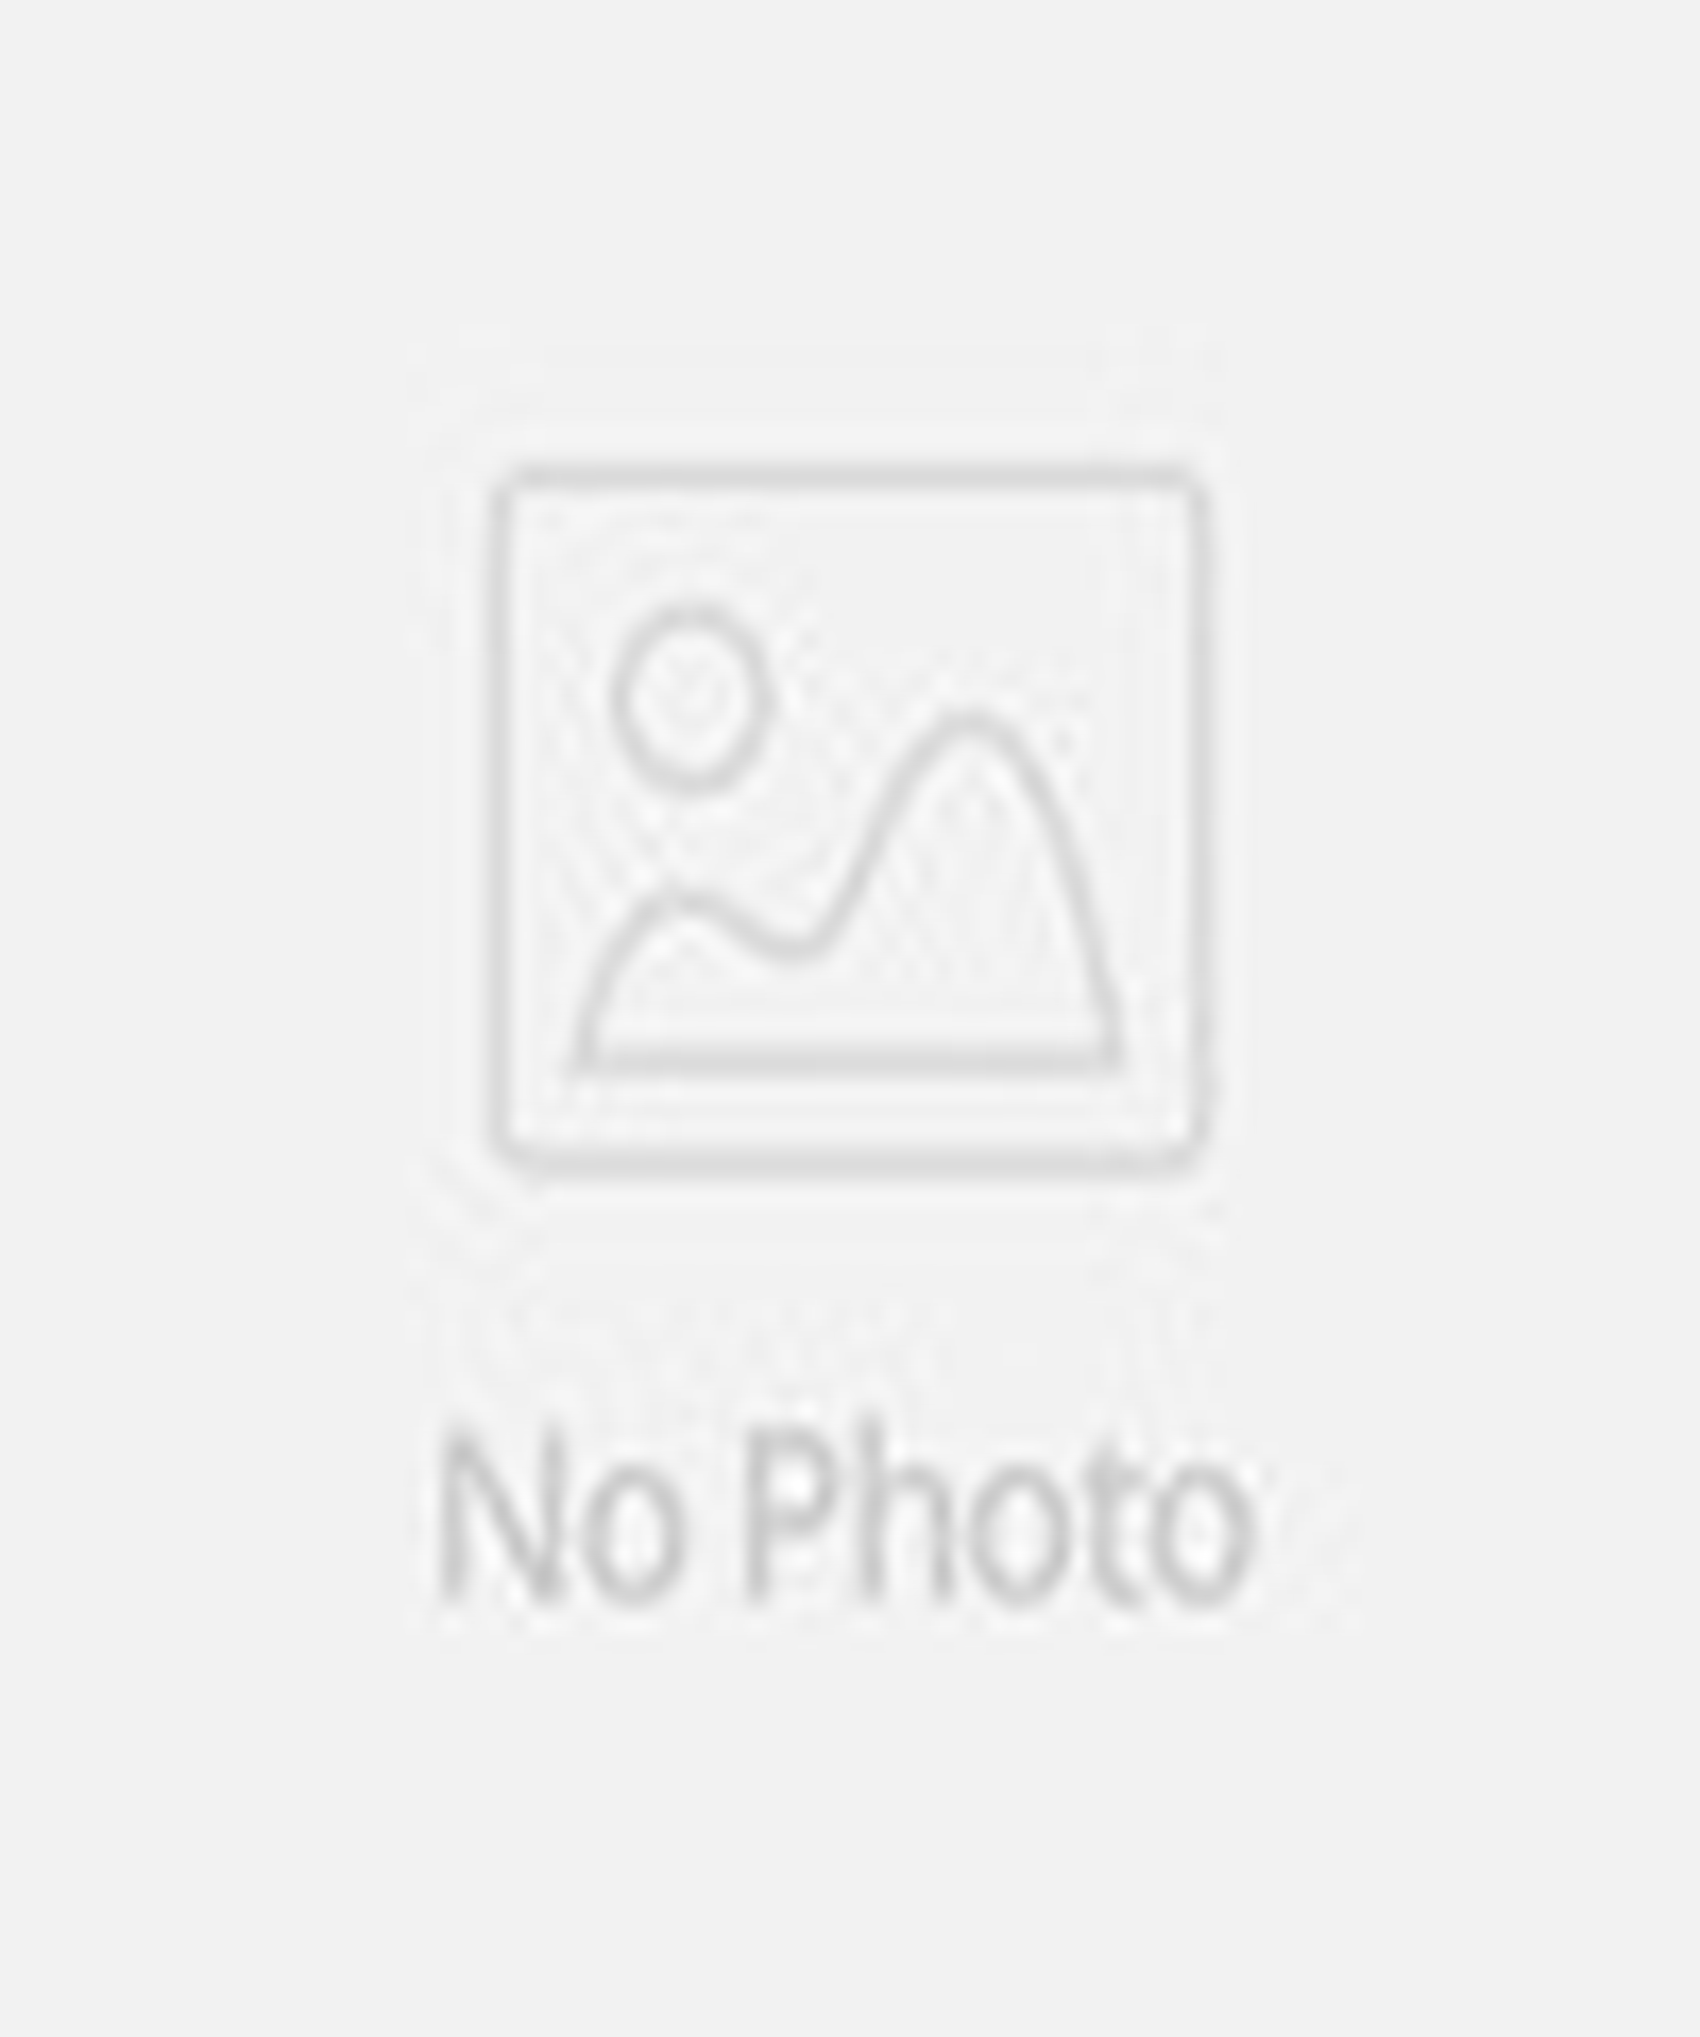 Hot Sale Hydraulic Lift Hair Cutting Chair Hairdressing Chair RJ 2113